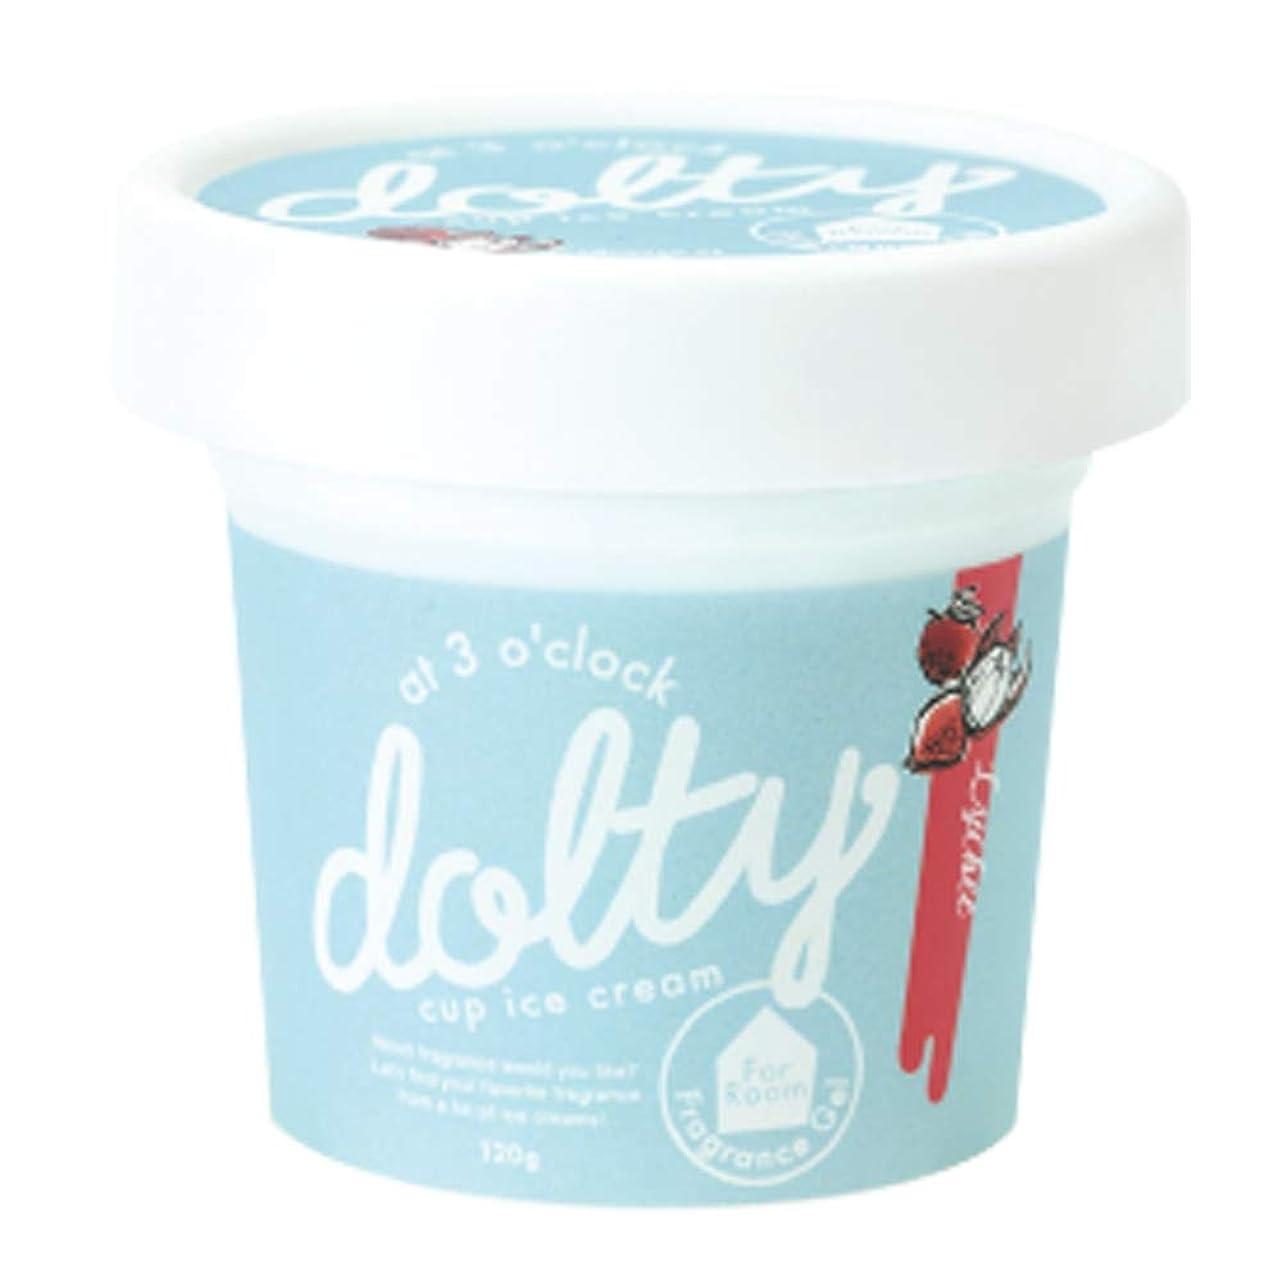 作曲する抵抗力があるどきどきノルコーポレーション ルームフレグランス フレグランスジェル ドルティーカップアイスクリーム ライチの香り 120g